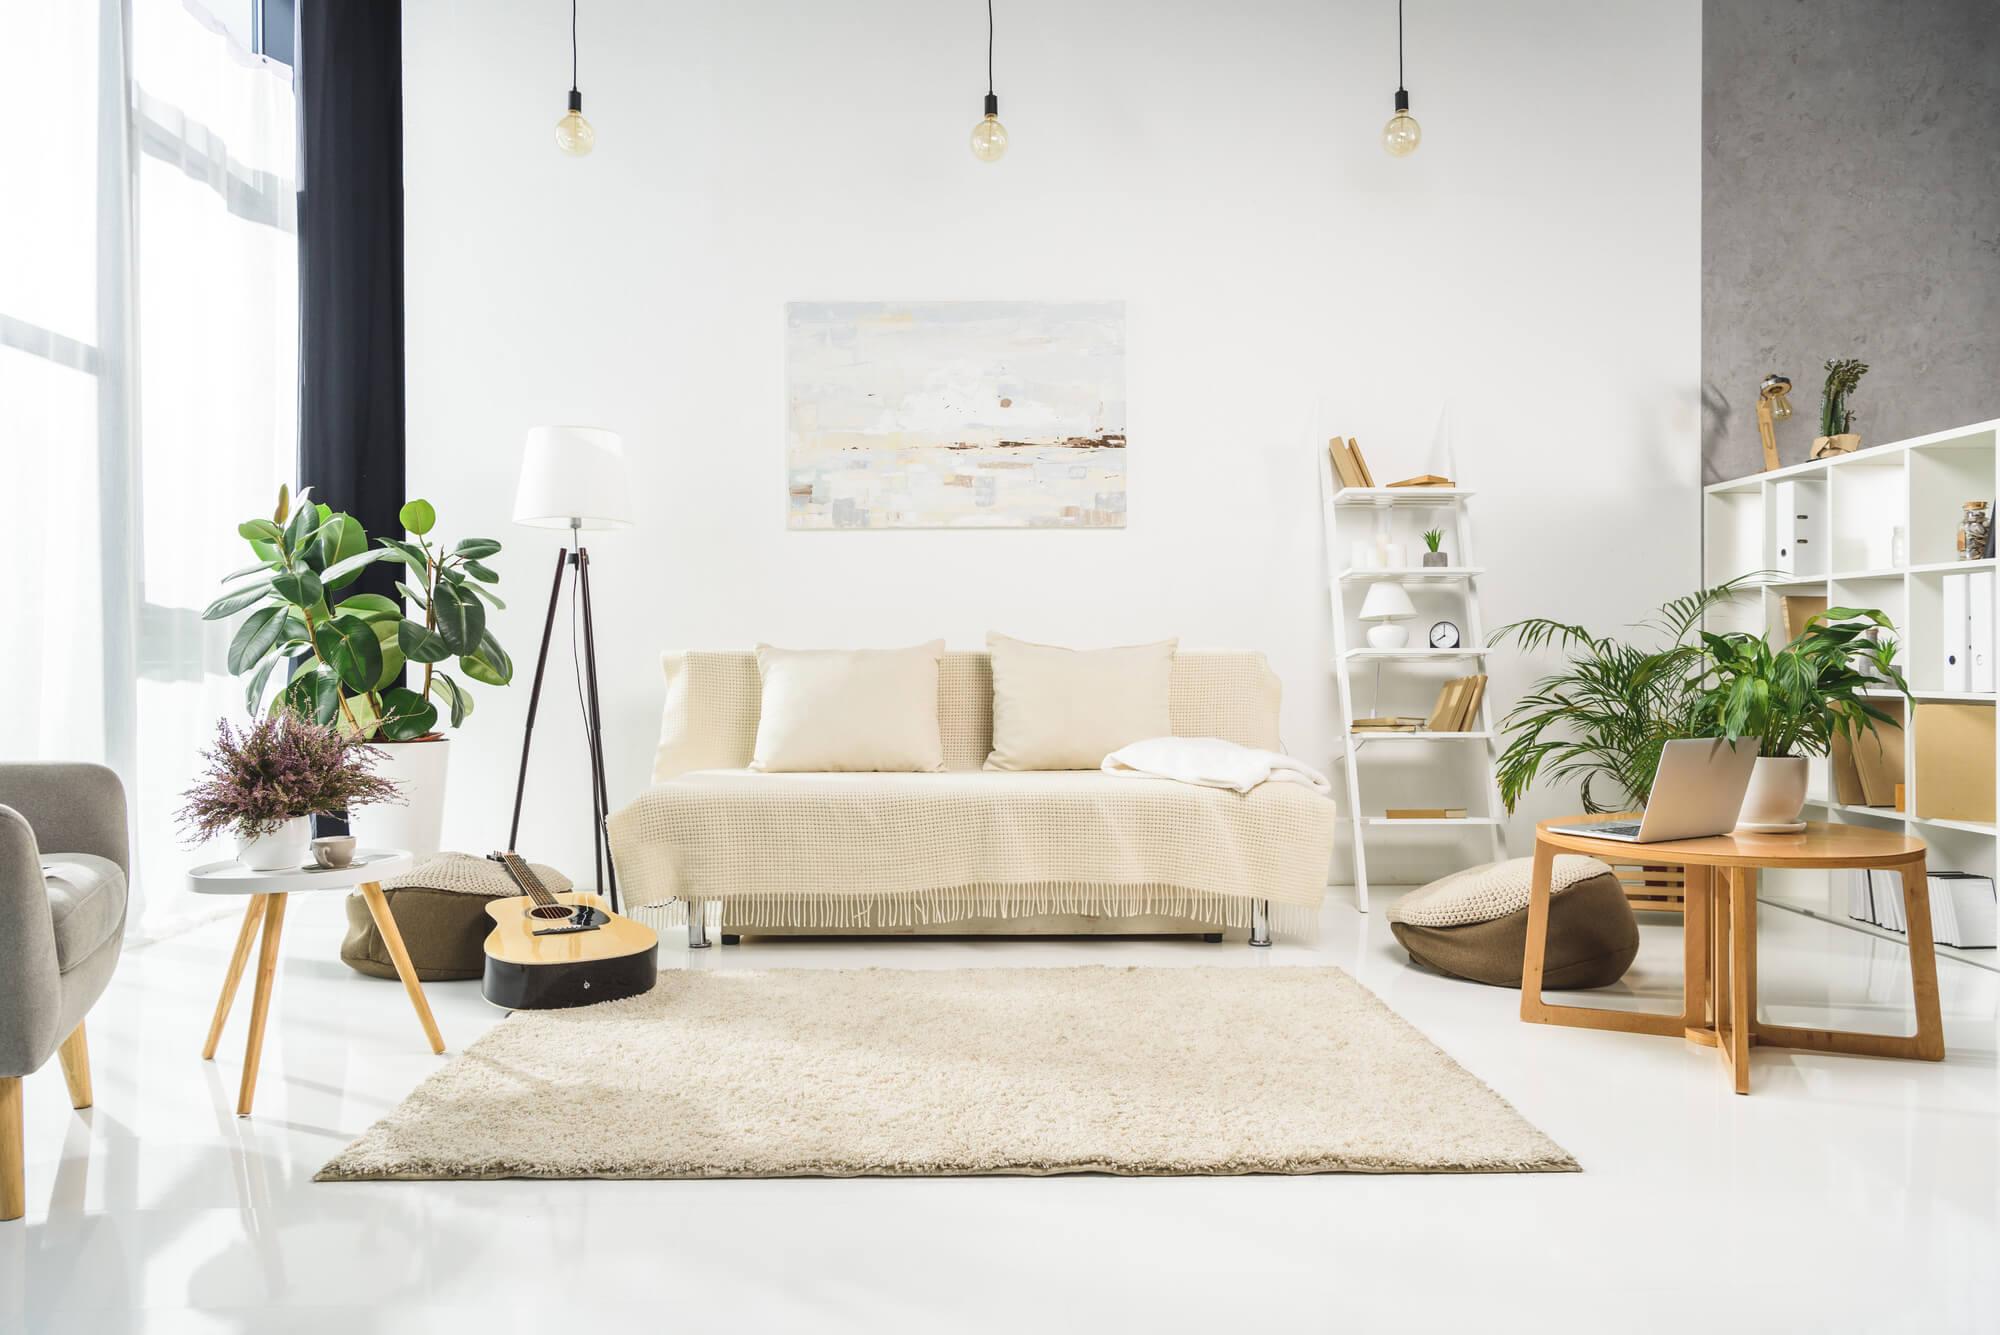 Conheça as principais tendências em decoração para 2019 aqui!